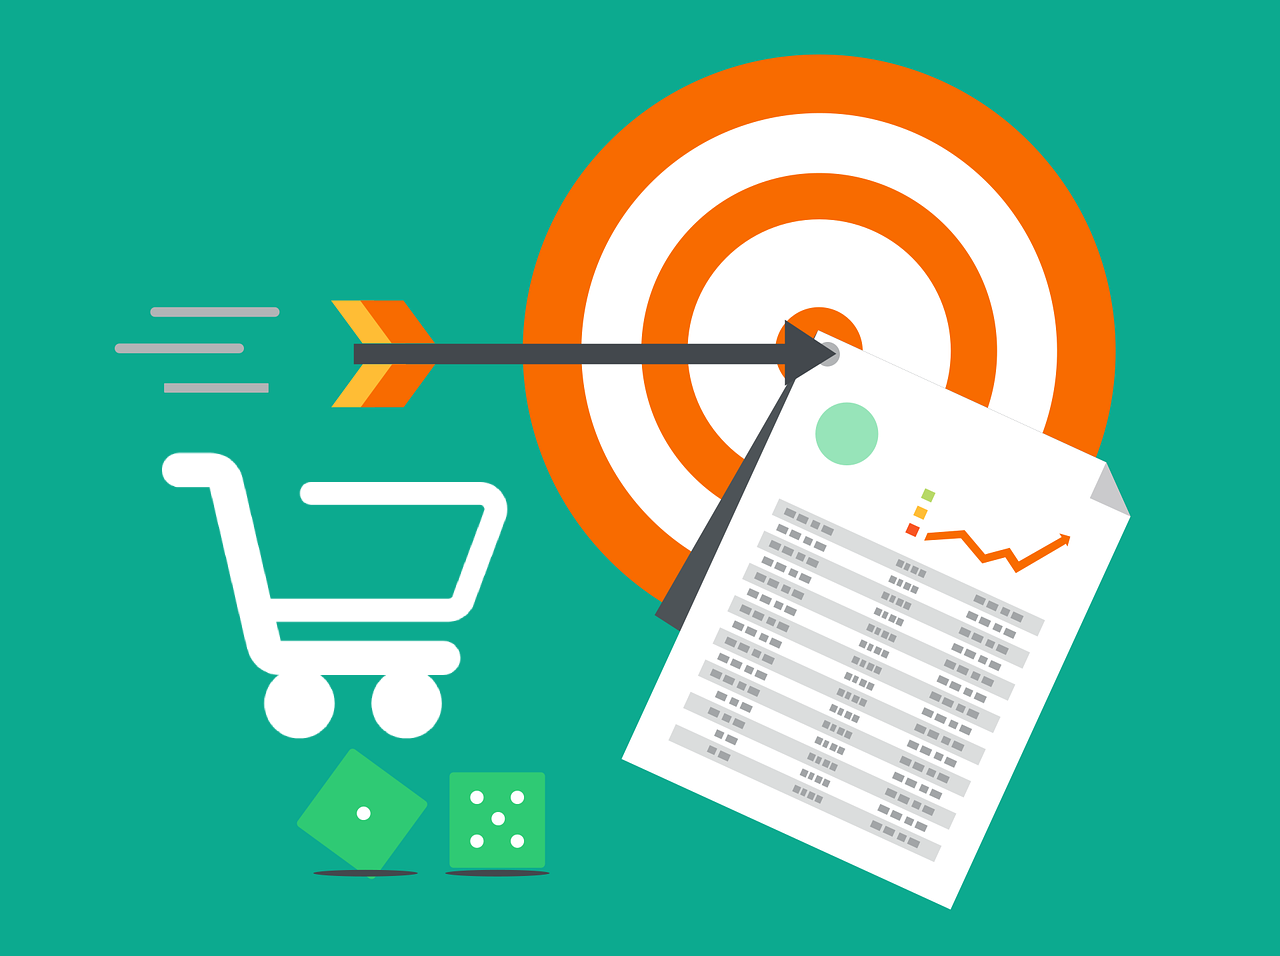 Dla specjalistów SEO WooCommerce będzie środkiem do osiągnięcia celu, jakim jest zwiększenie sprzedaży w Twoim sklepie internetowym